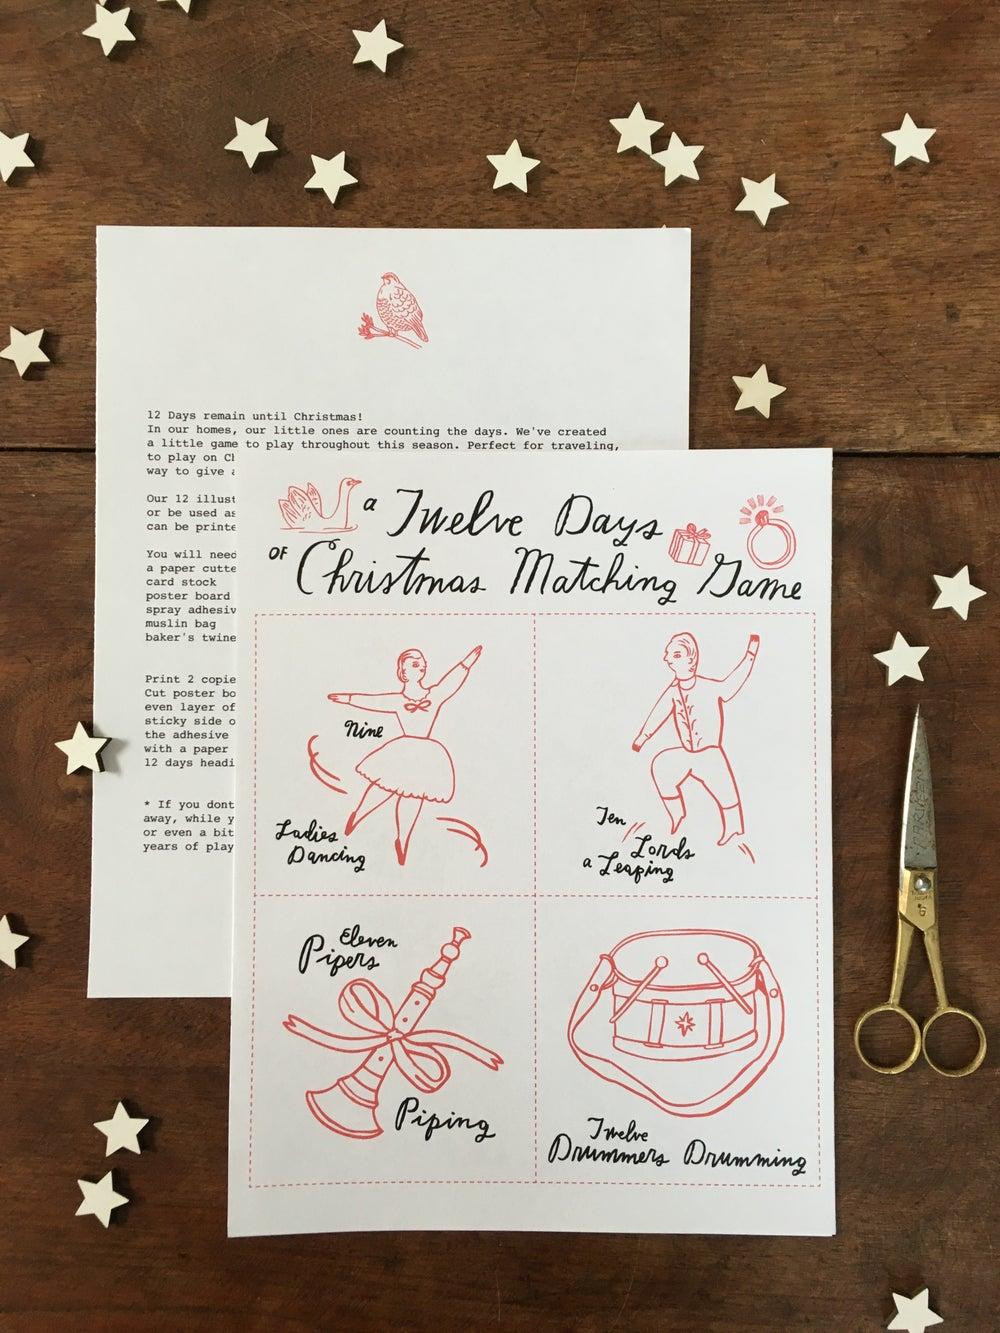 Image of 12 Days of Christmas Matching Game printable